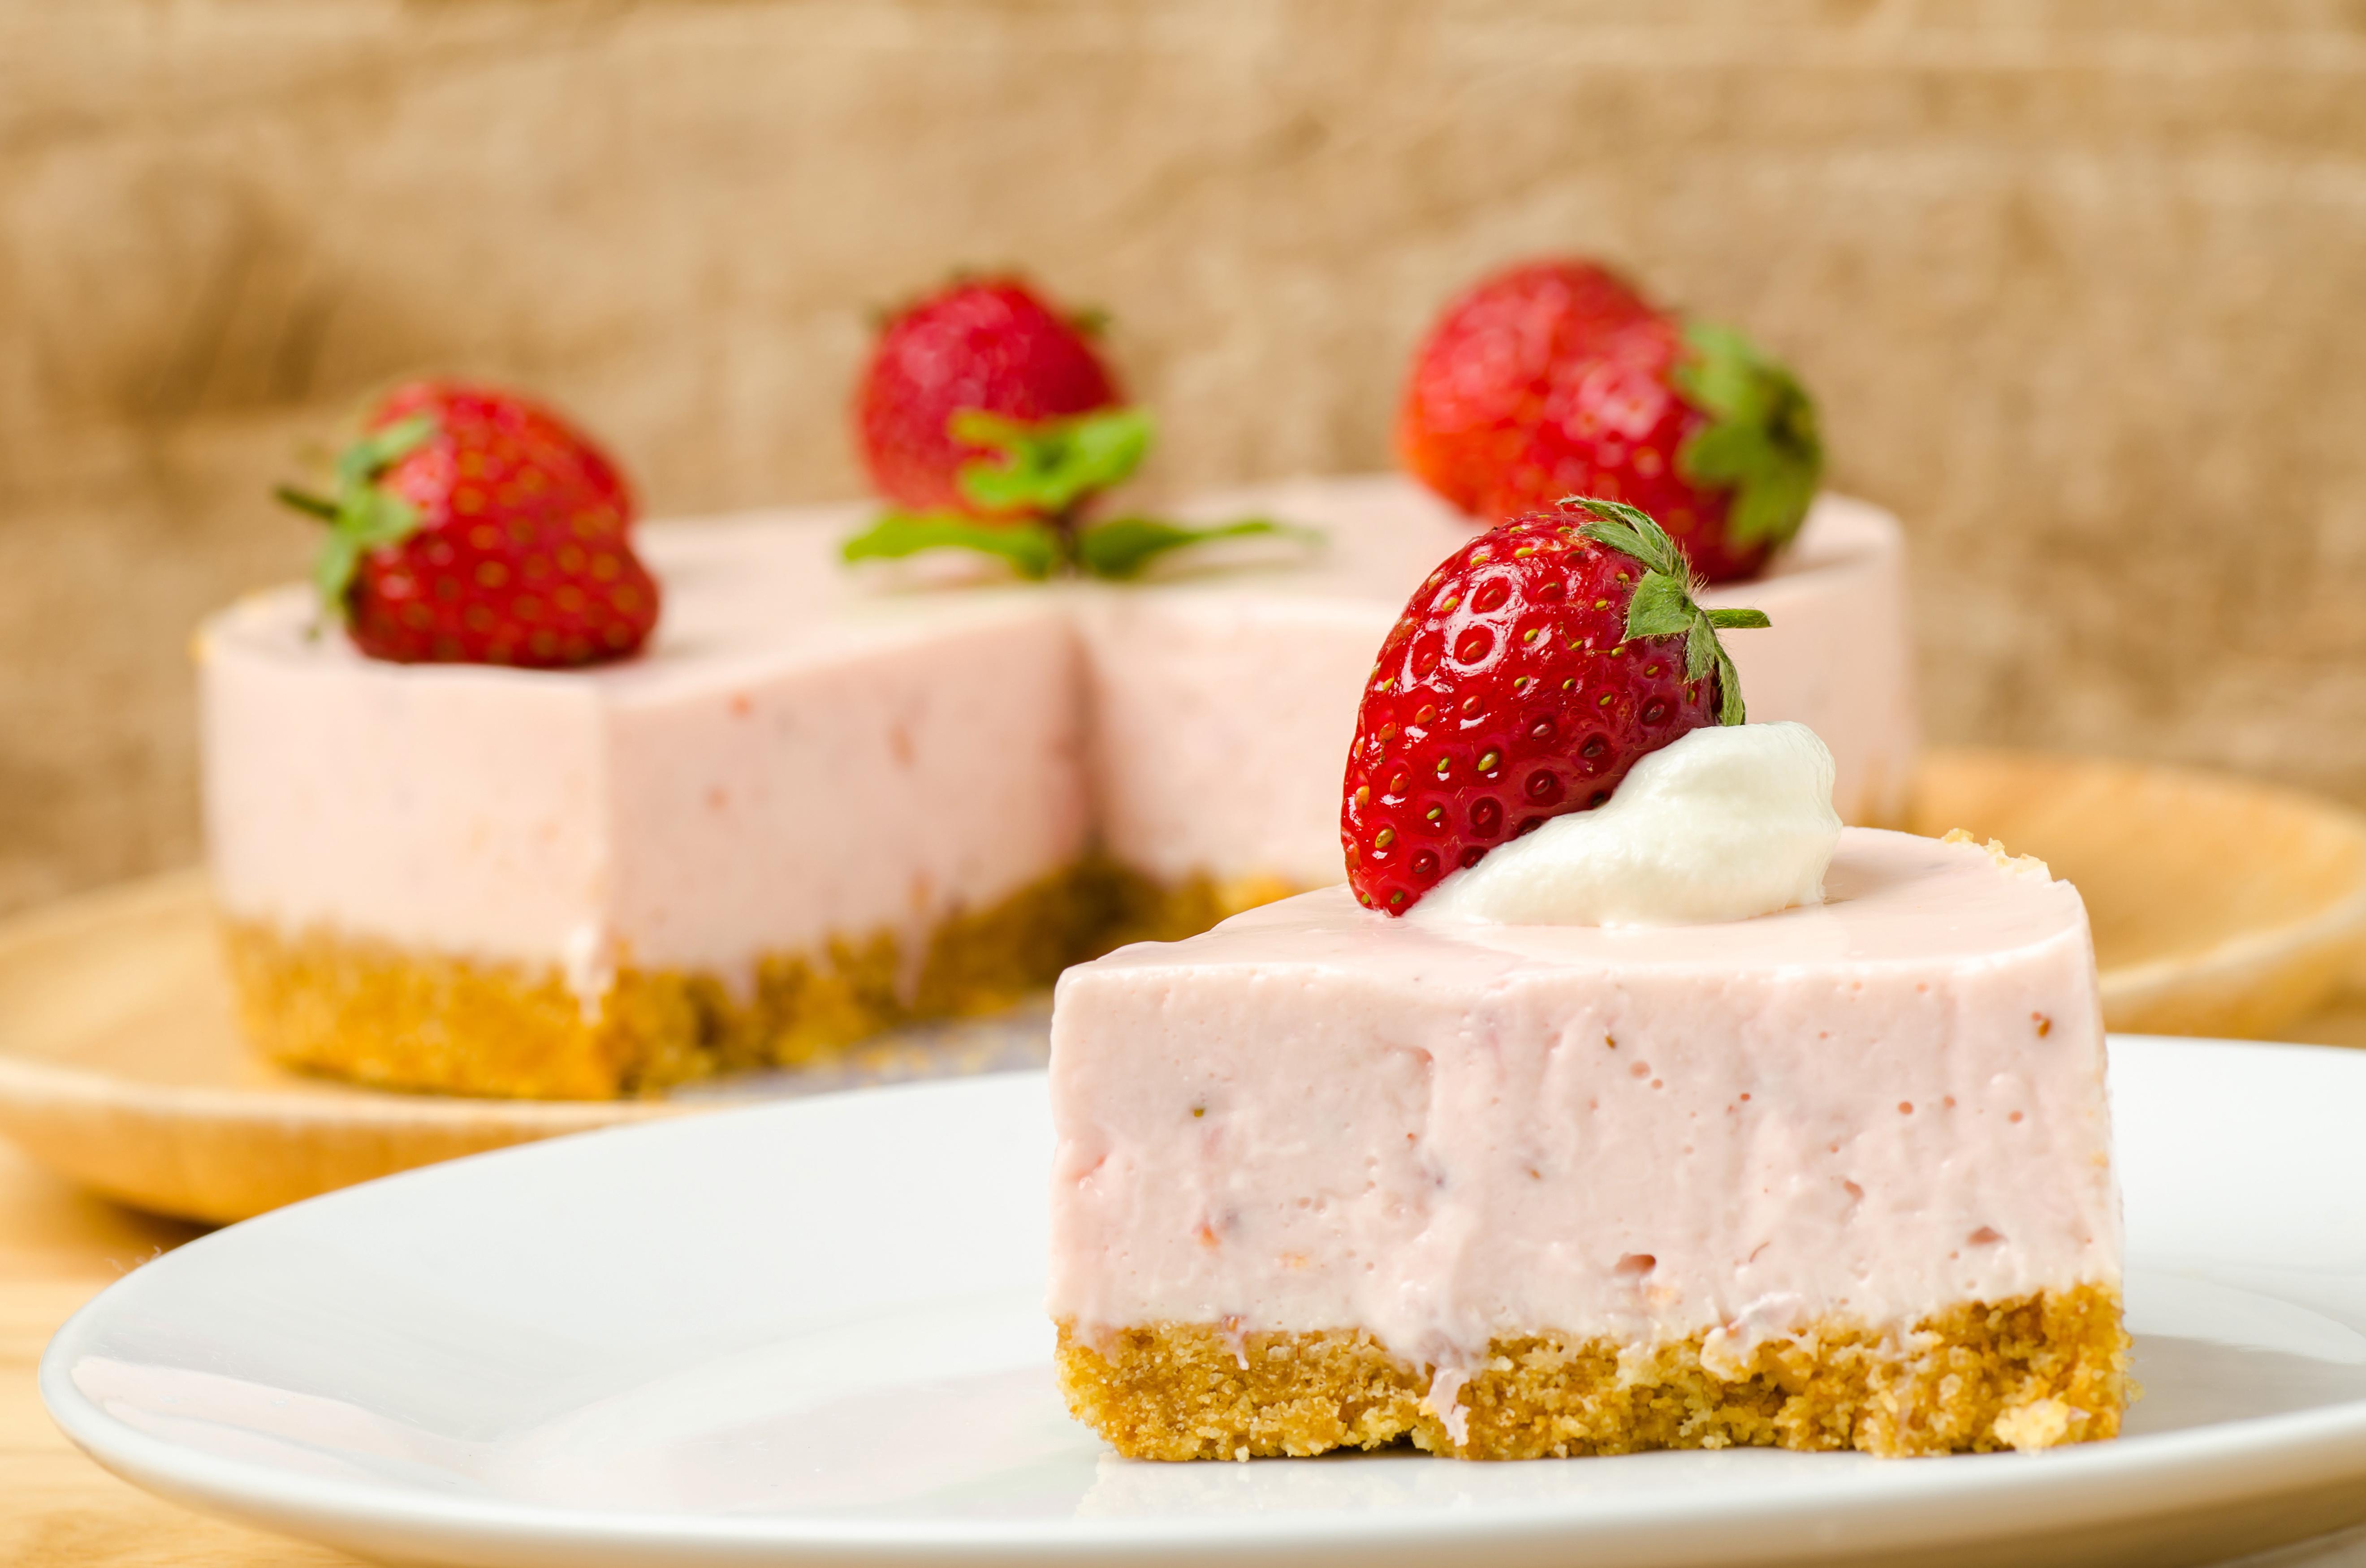 Картинки Торты Кусок Клубника Еда сладкая еда часть кусочки кусочек Пища Продукты питания Сладости